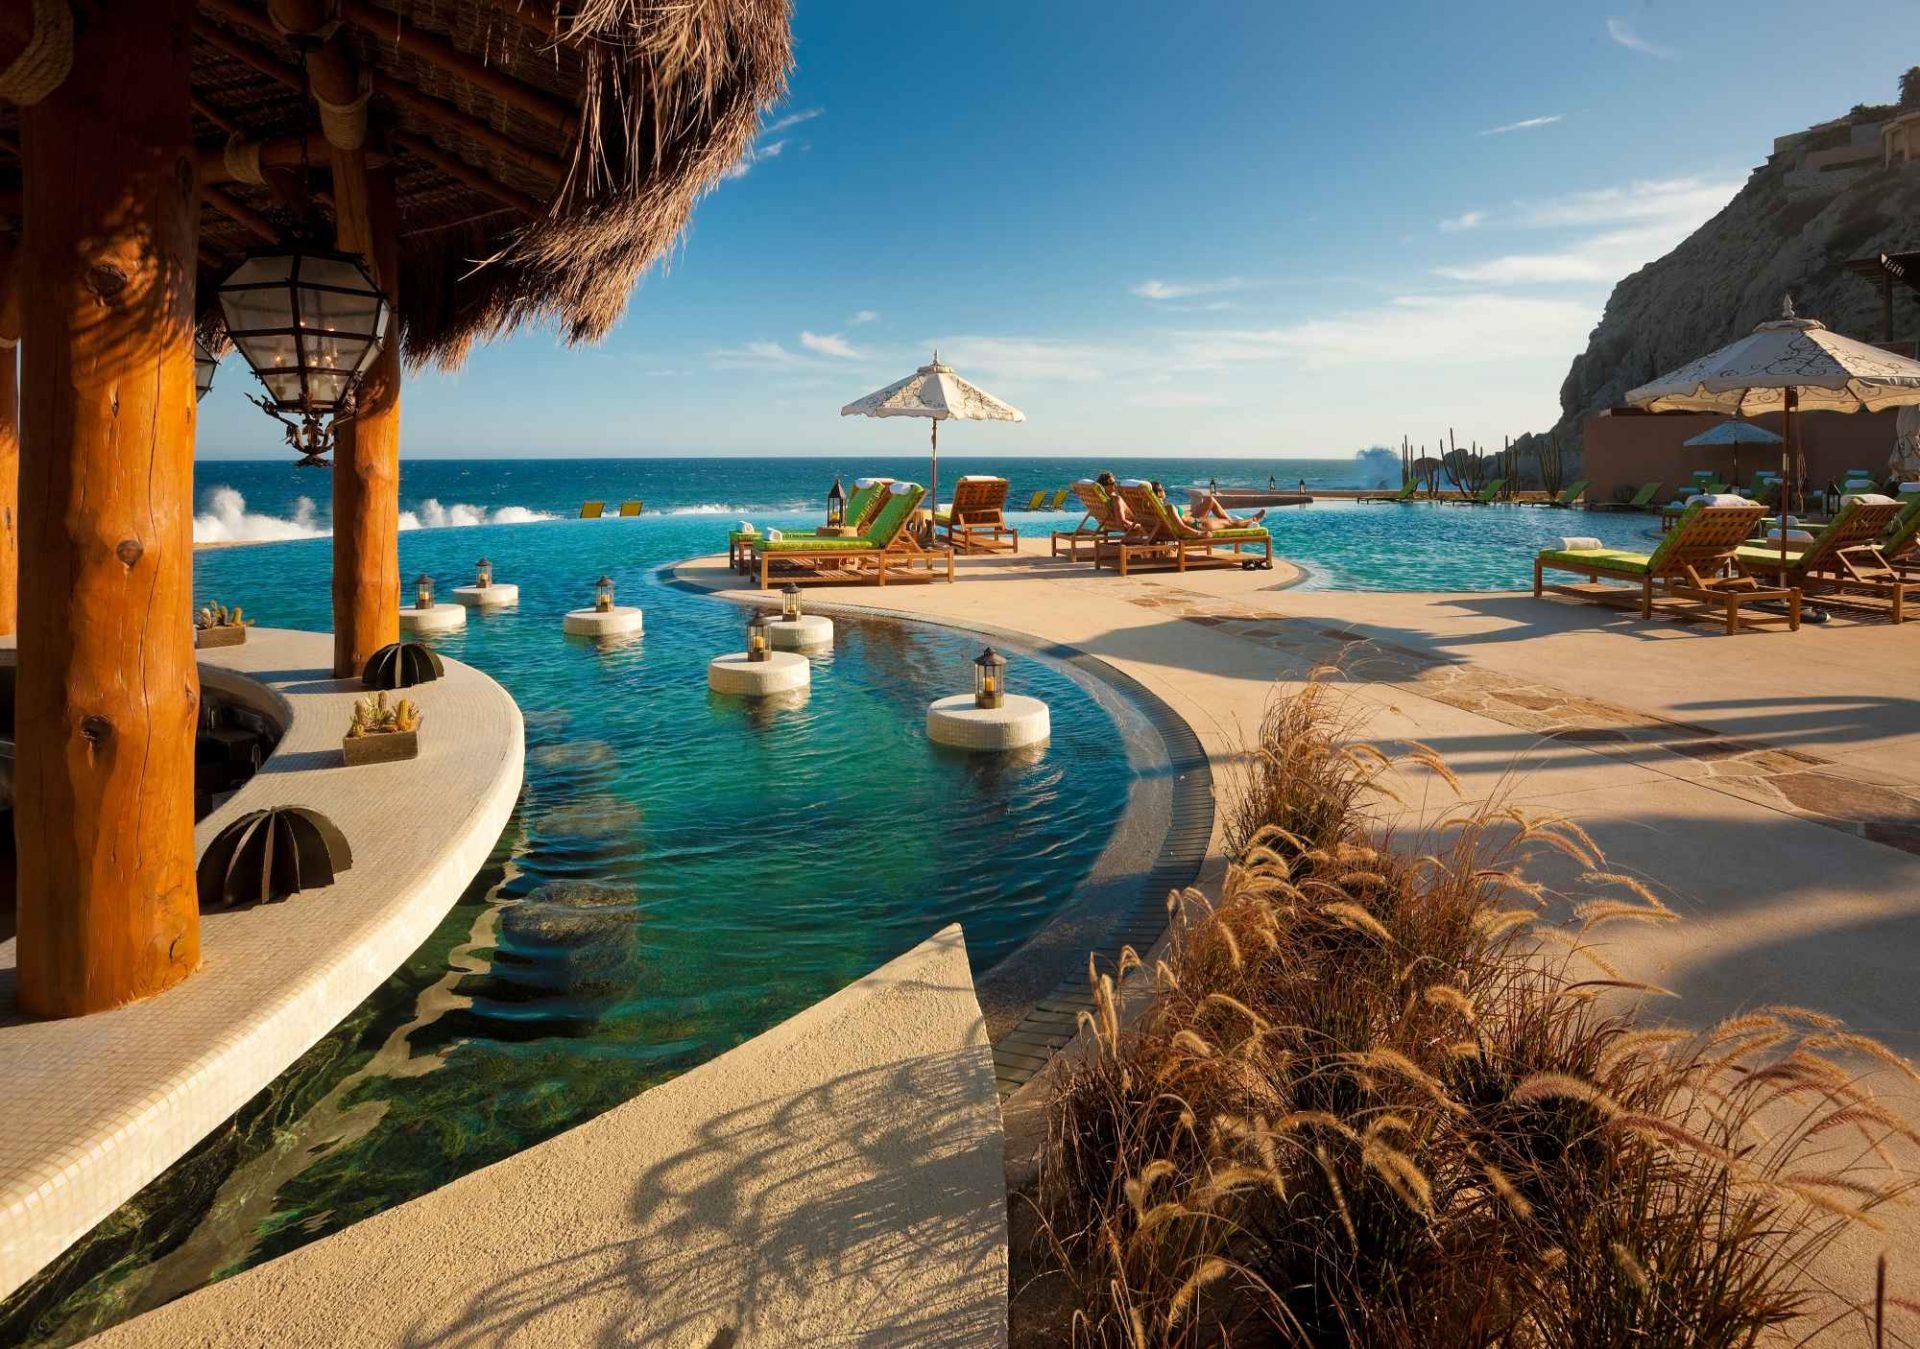 Imagem da piscina e mar no horizonte do resort